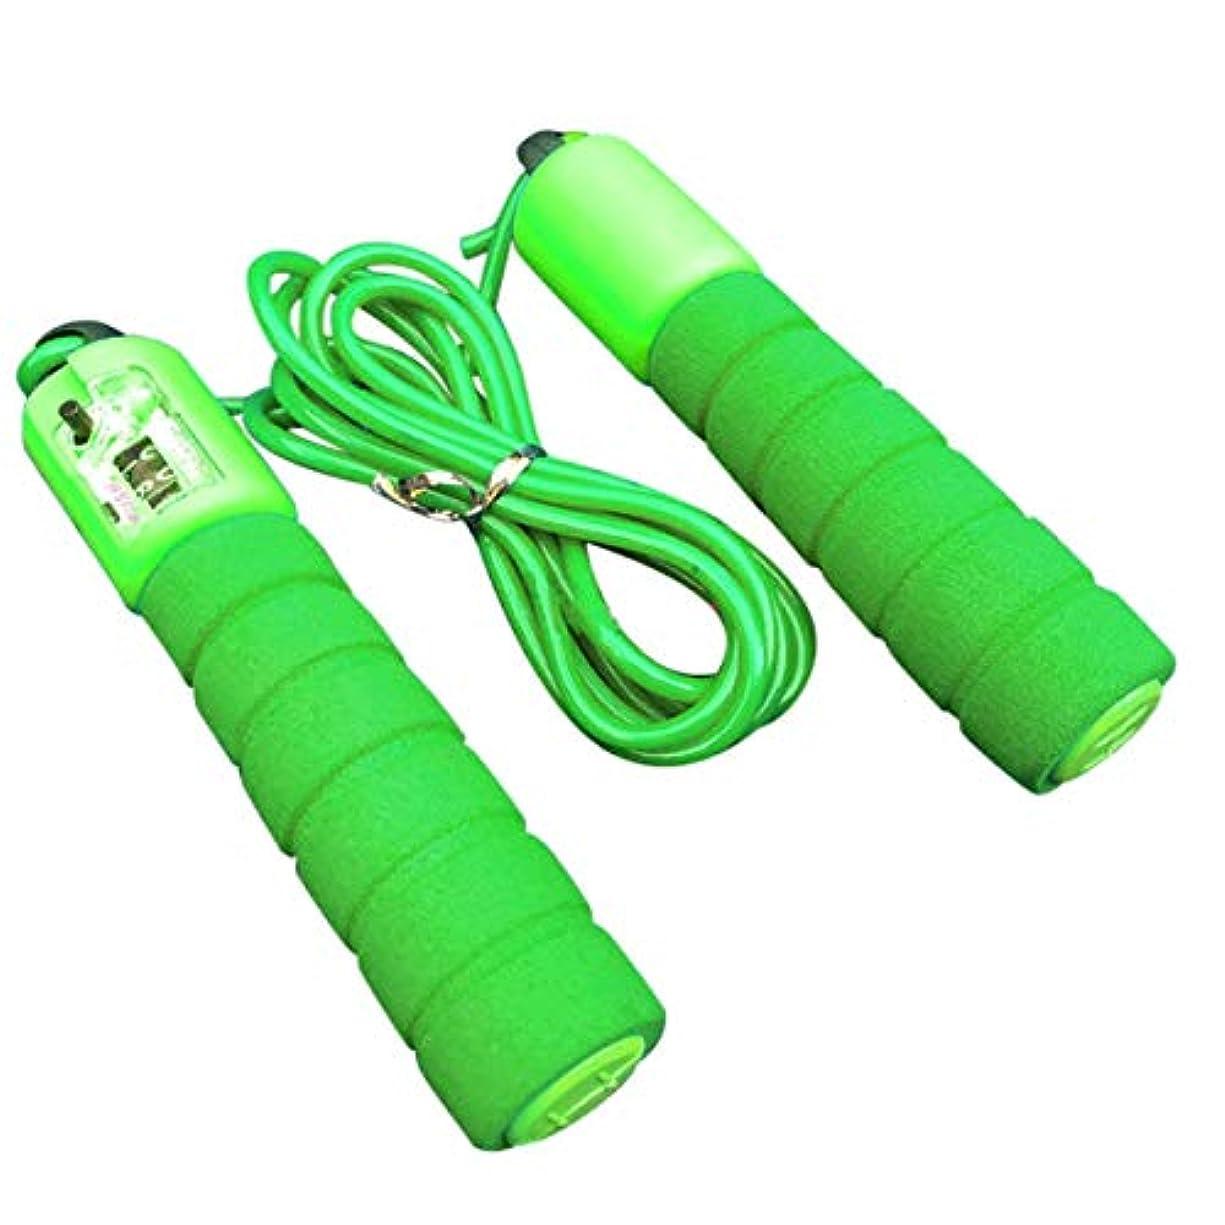 差別化するベリー祝福調節可能なプロフェッショナルカウント縄跳び自動カウントジャンプロープフィットネス運動高速カウントジャンプロープ - グリーン